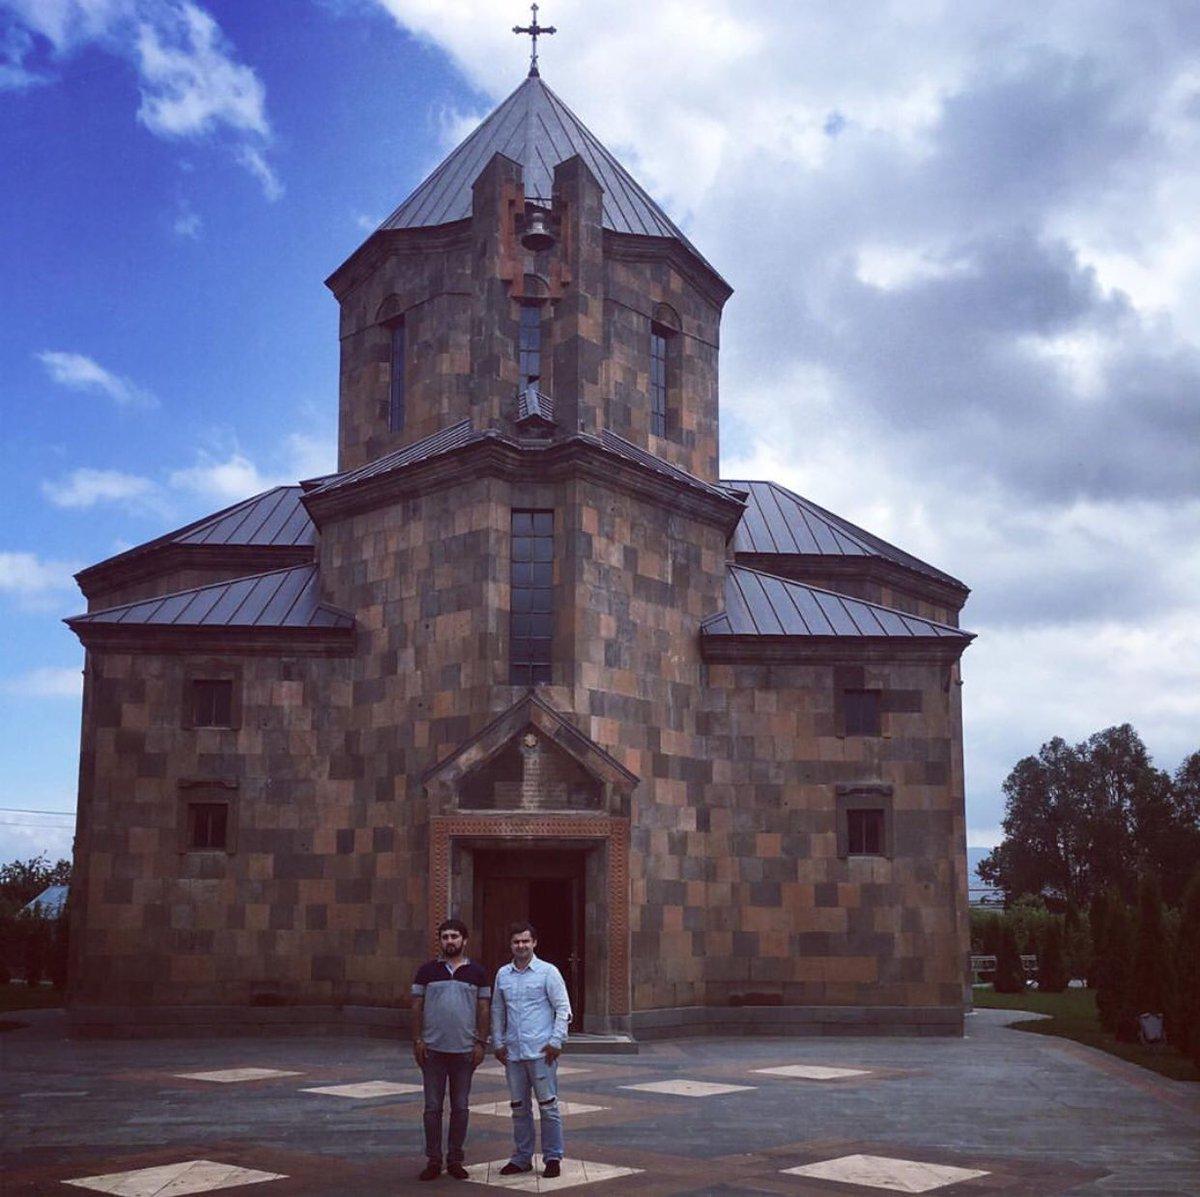 село ташир армения фото левин недешевый специалист